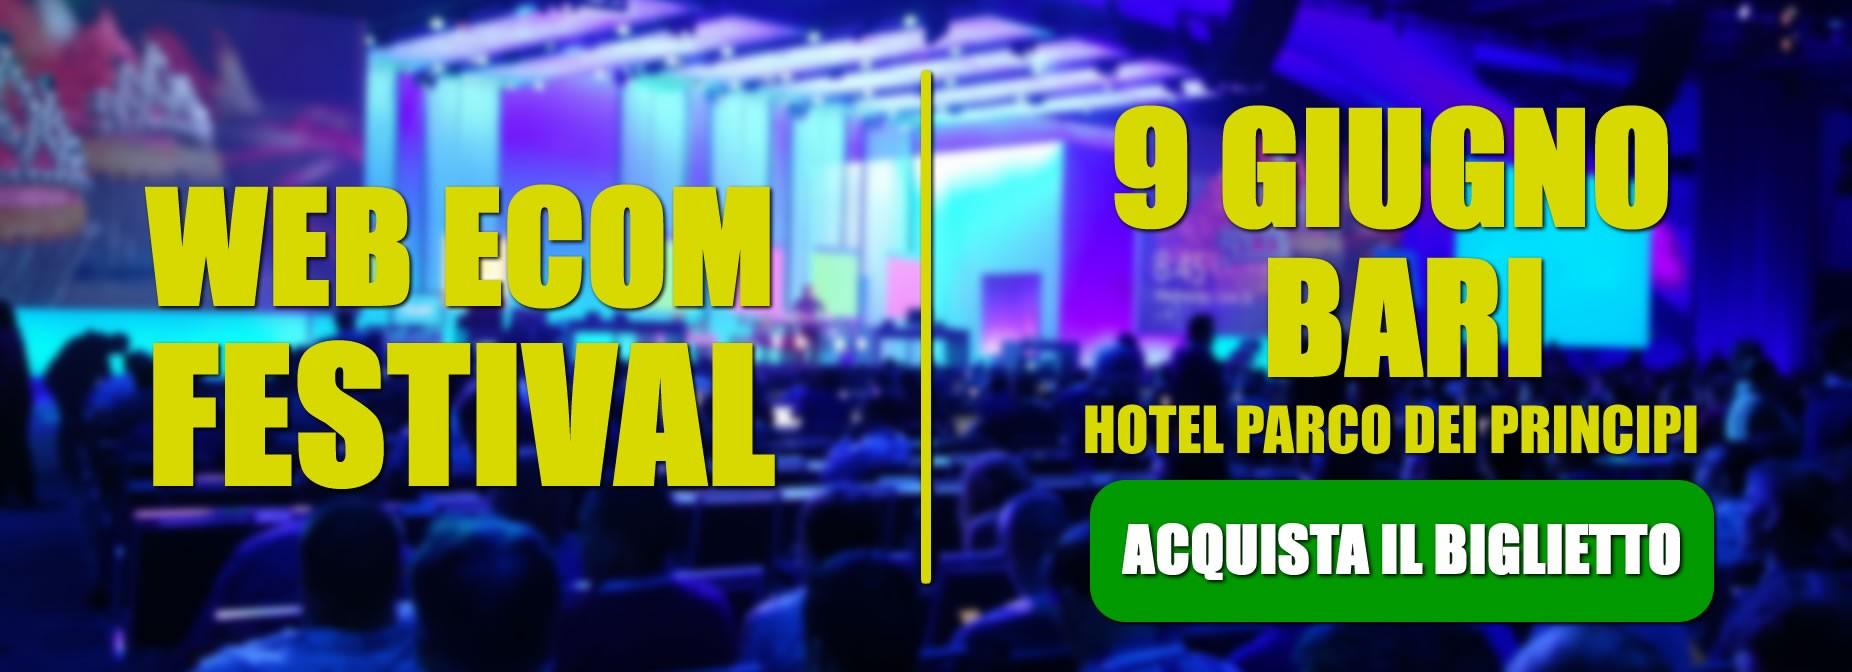 Web ecom festival 9 Giugno Bari